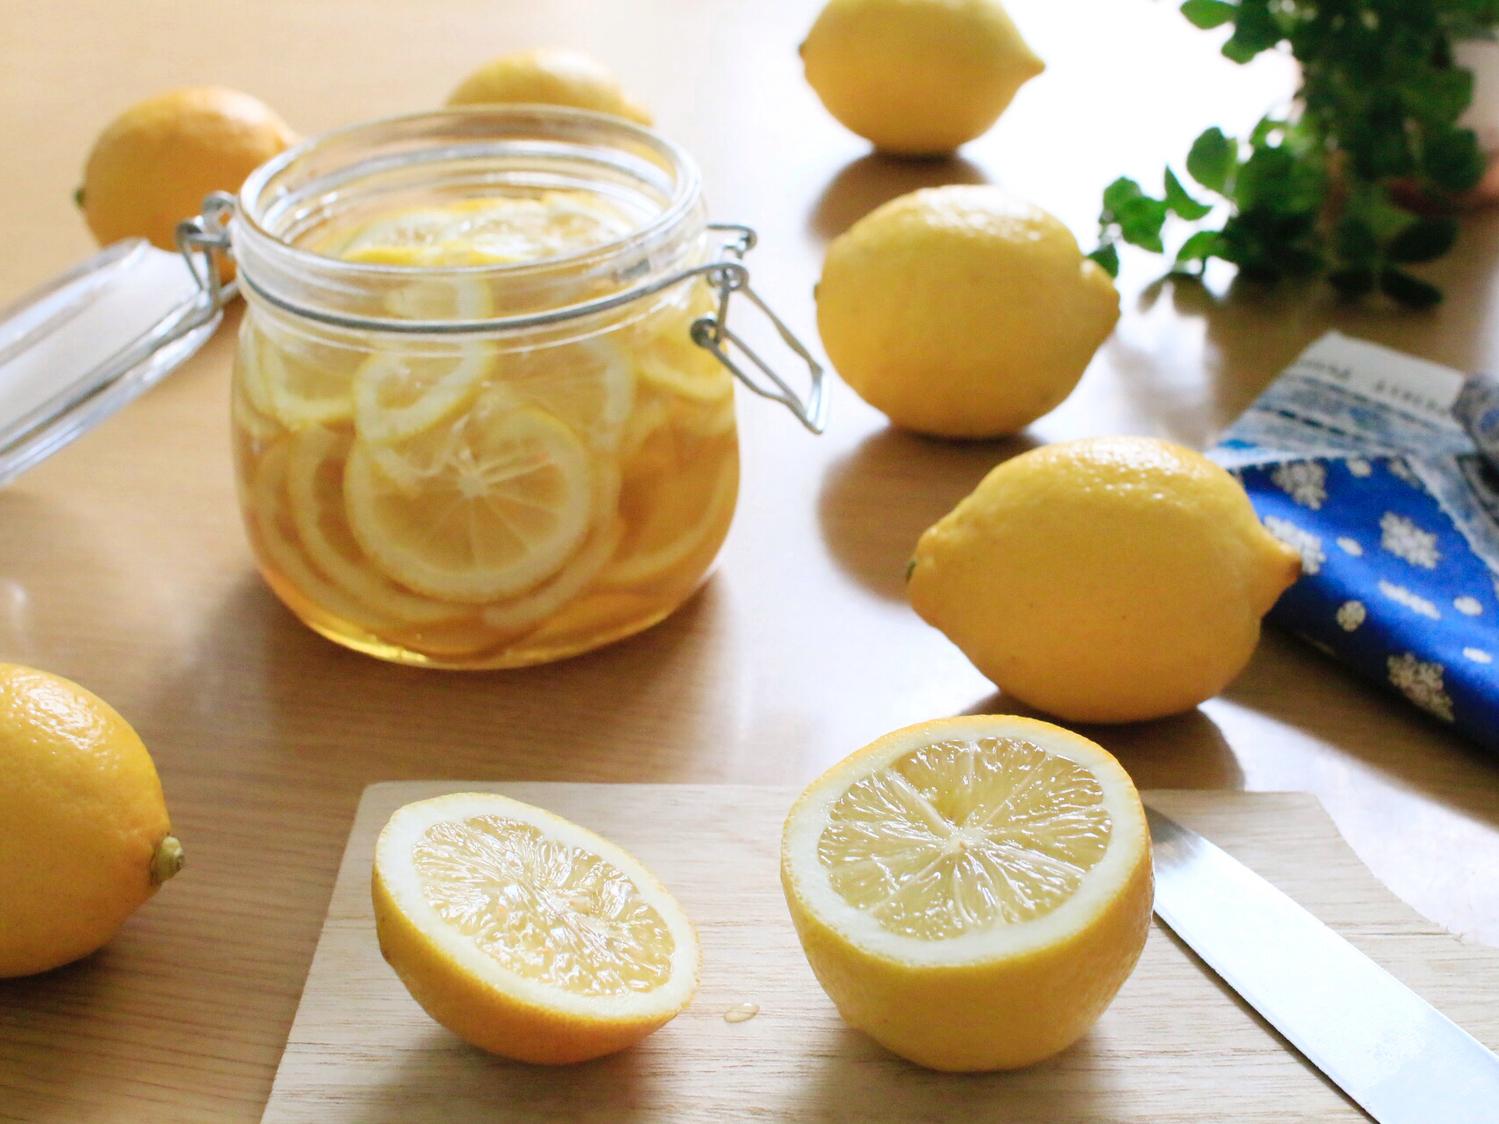 はちみつレモンを使ったアレンジレシピ